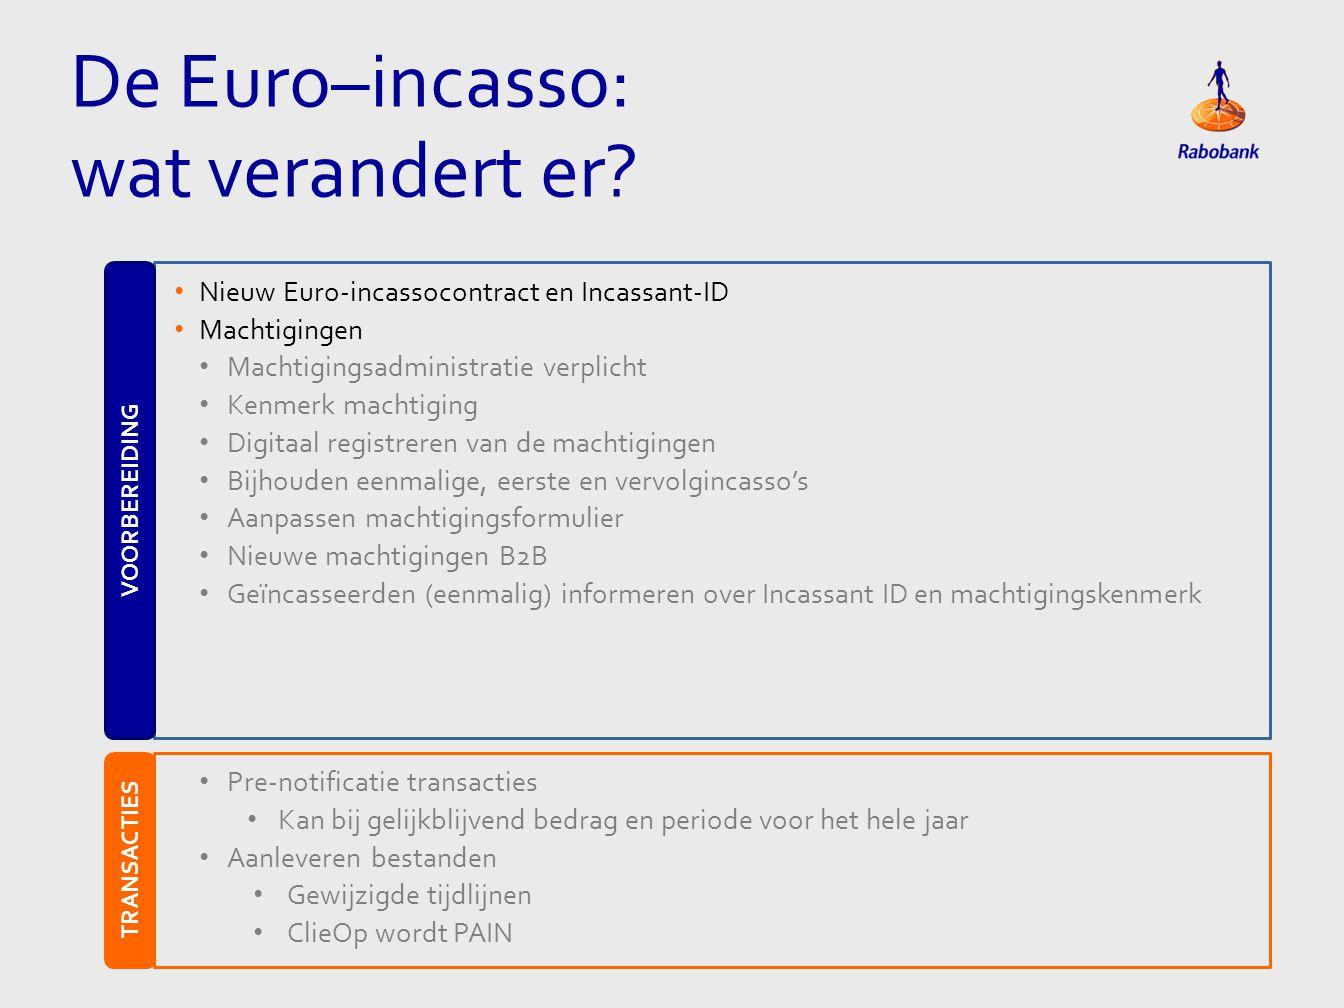 De Euro–incasso: wat verandert er